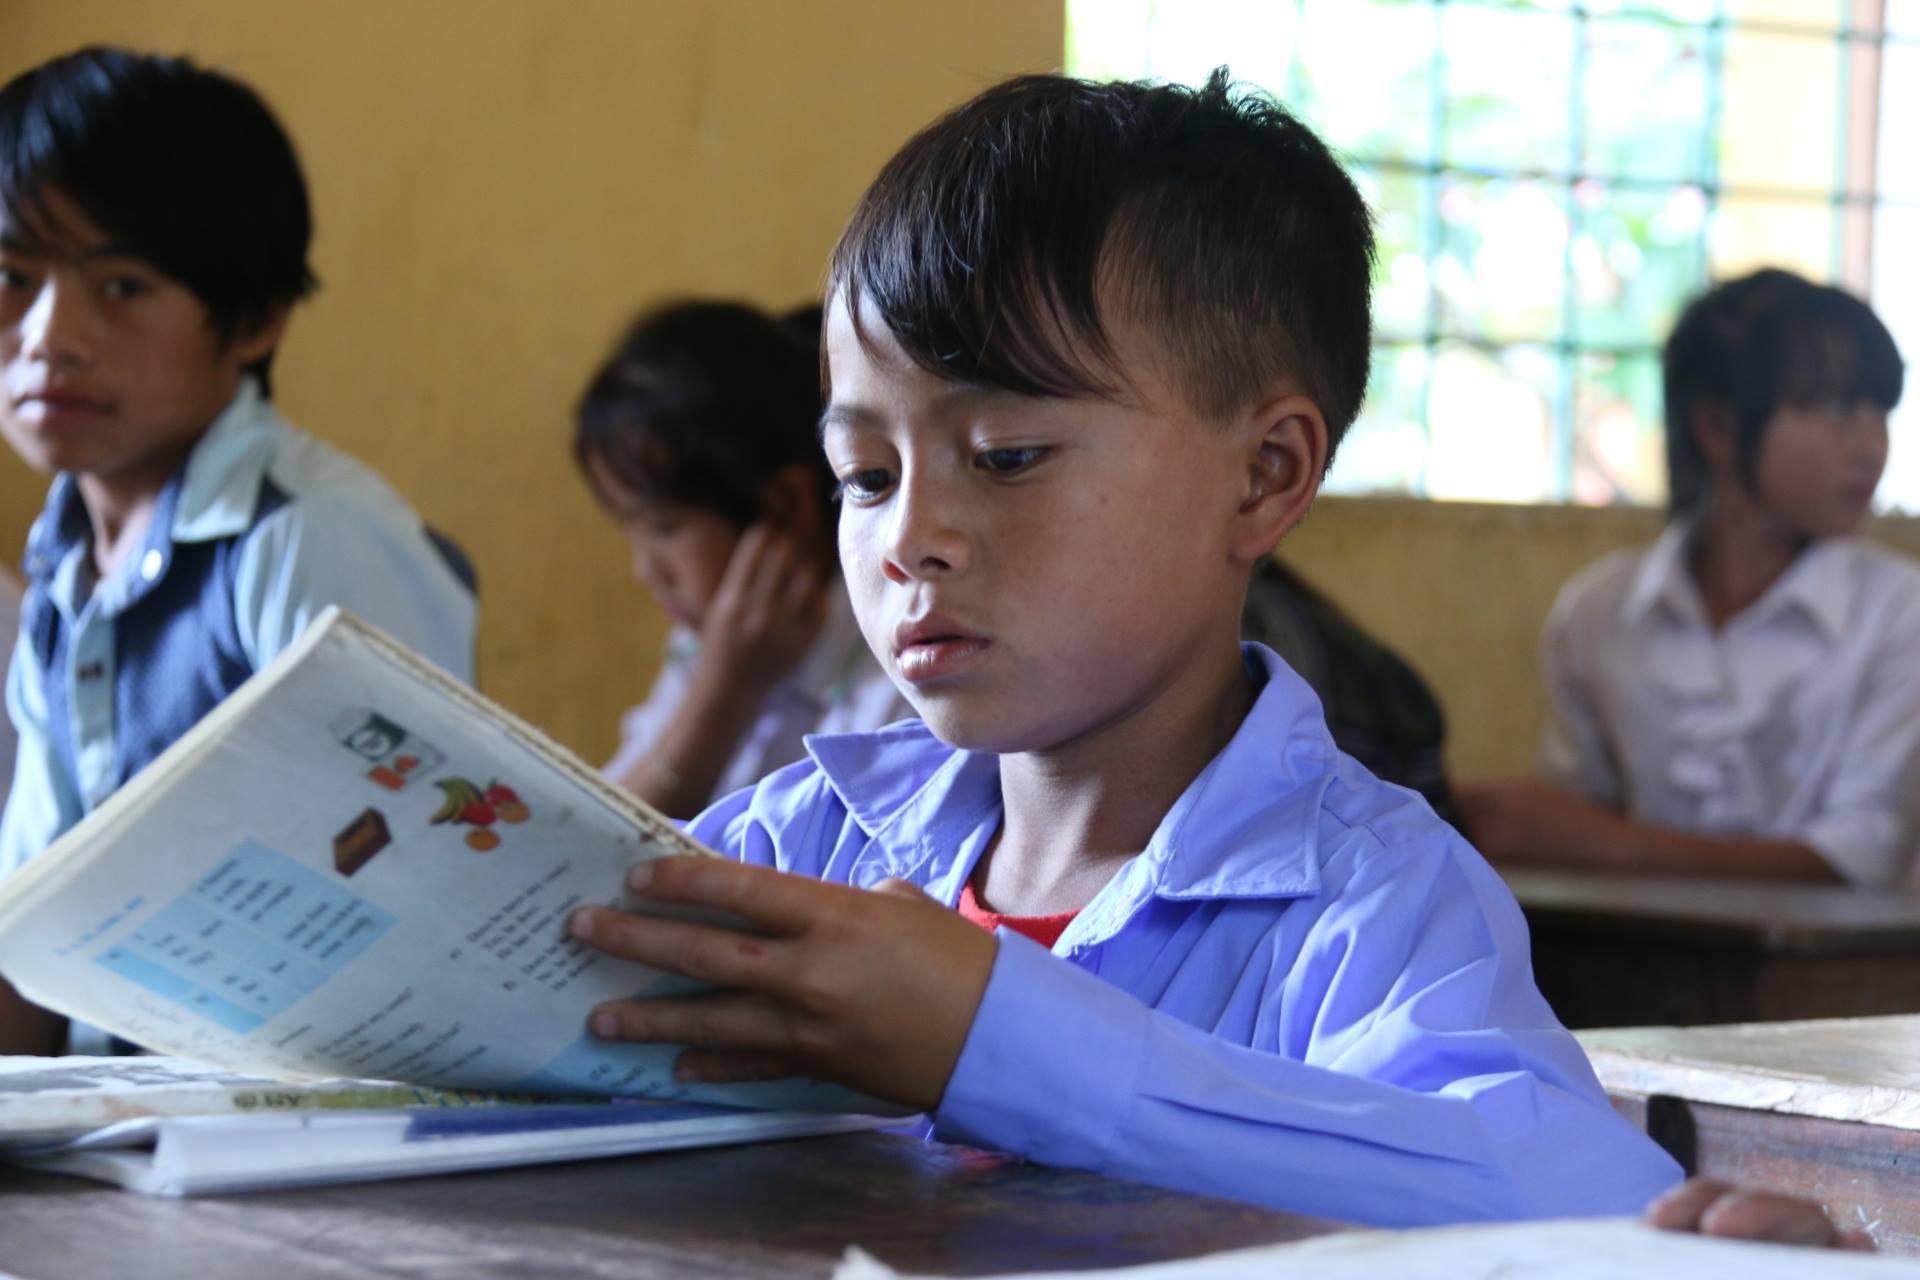 sách giáo khoa mới,chương trình phổ thông mới,chương trình giáo dục phổ thông mới,chương trình giáo dục phổ thông,đổi mới giáo dục